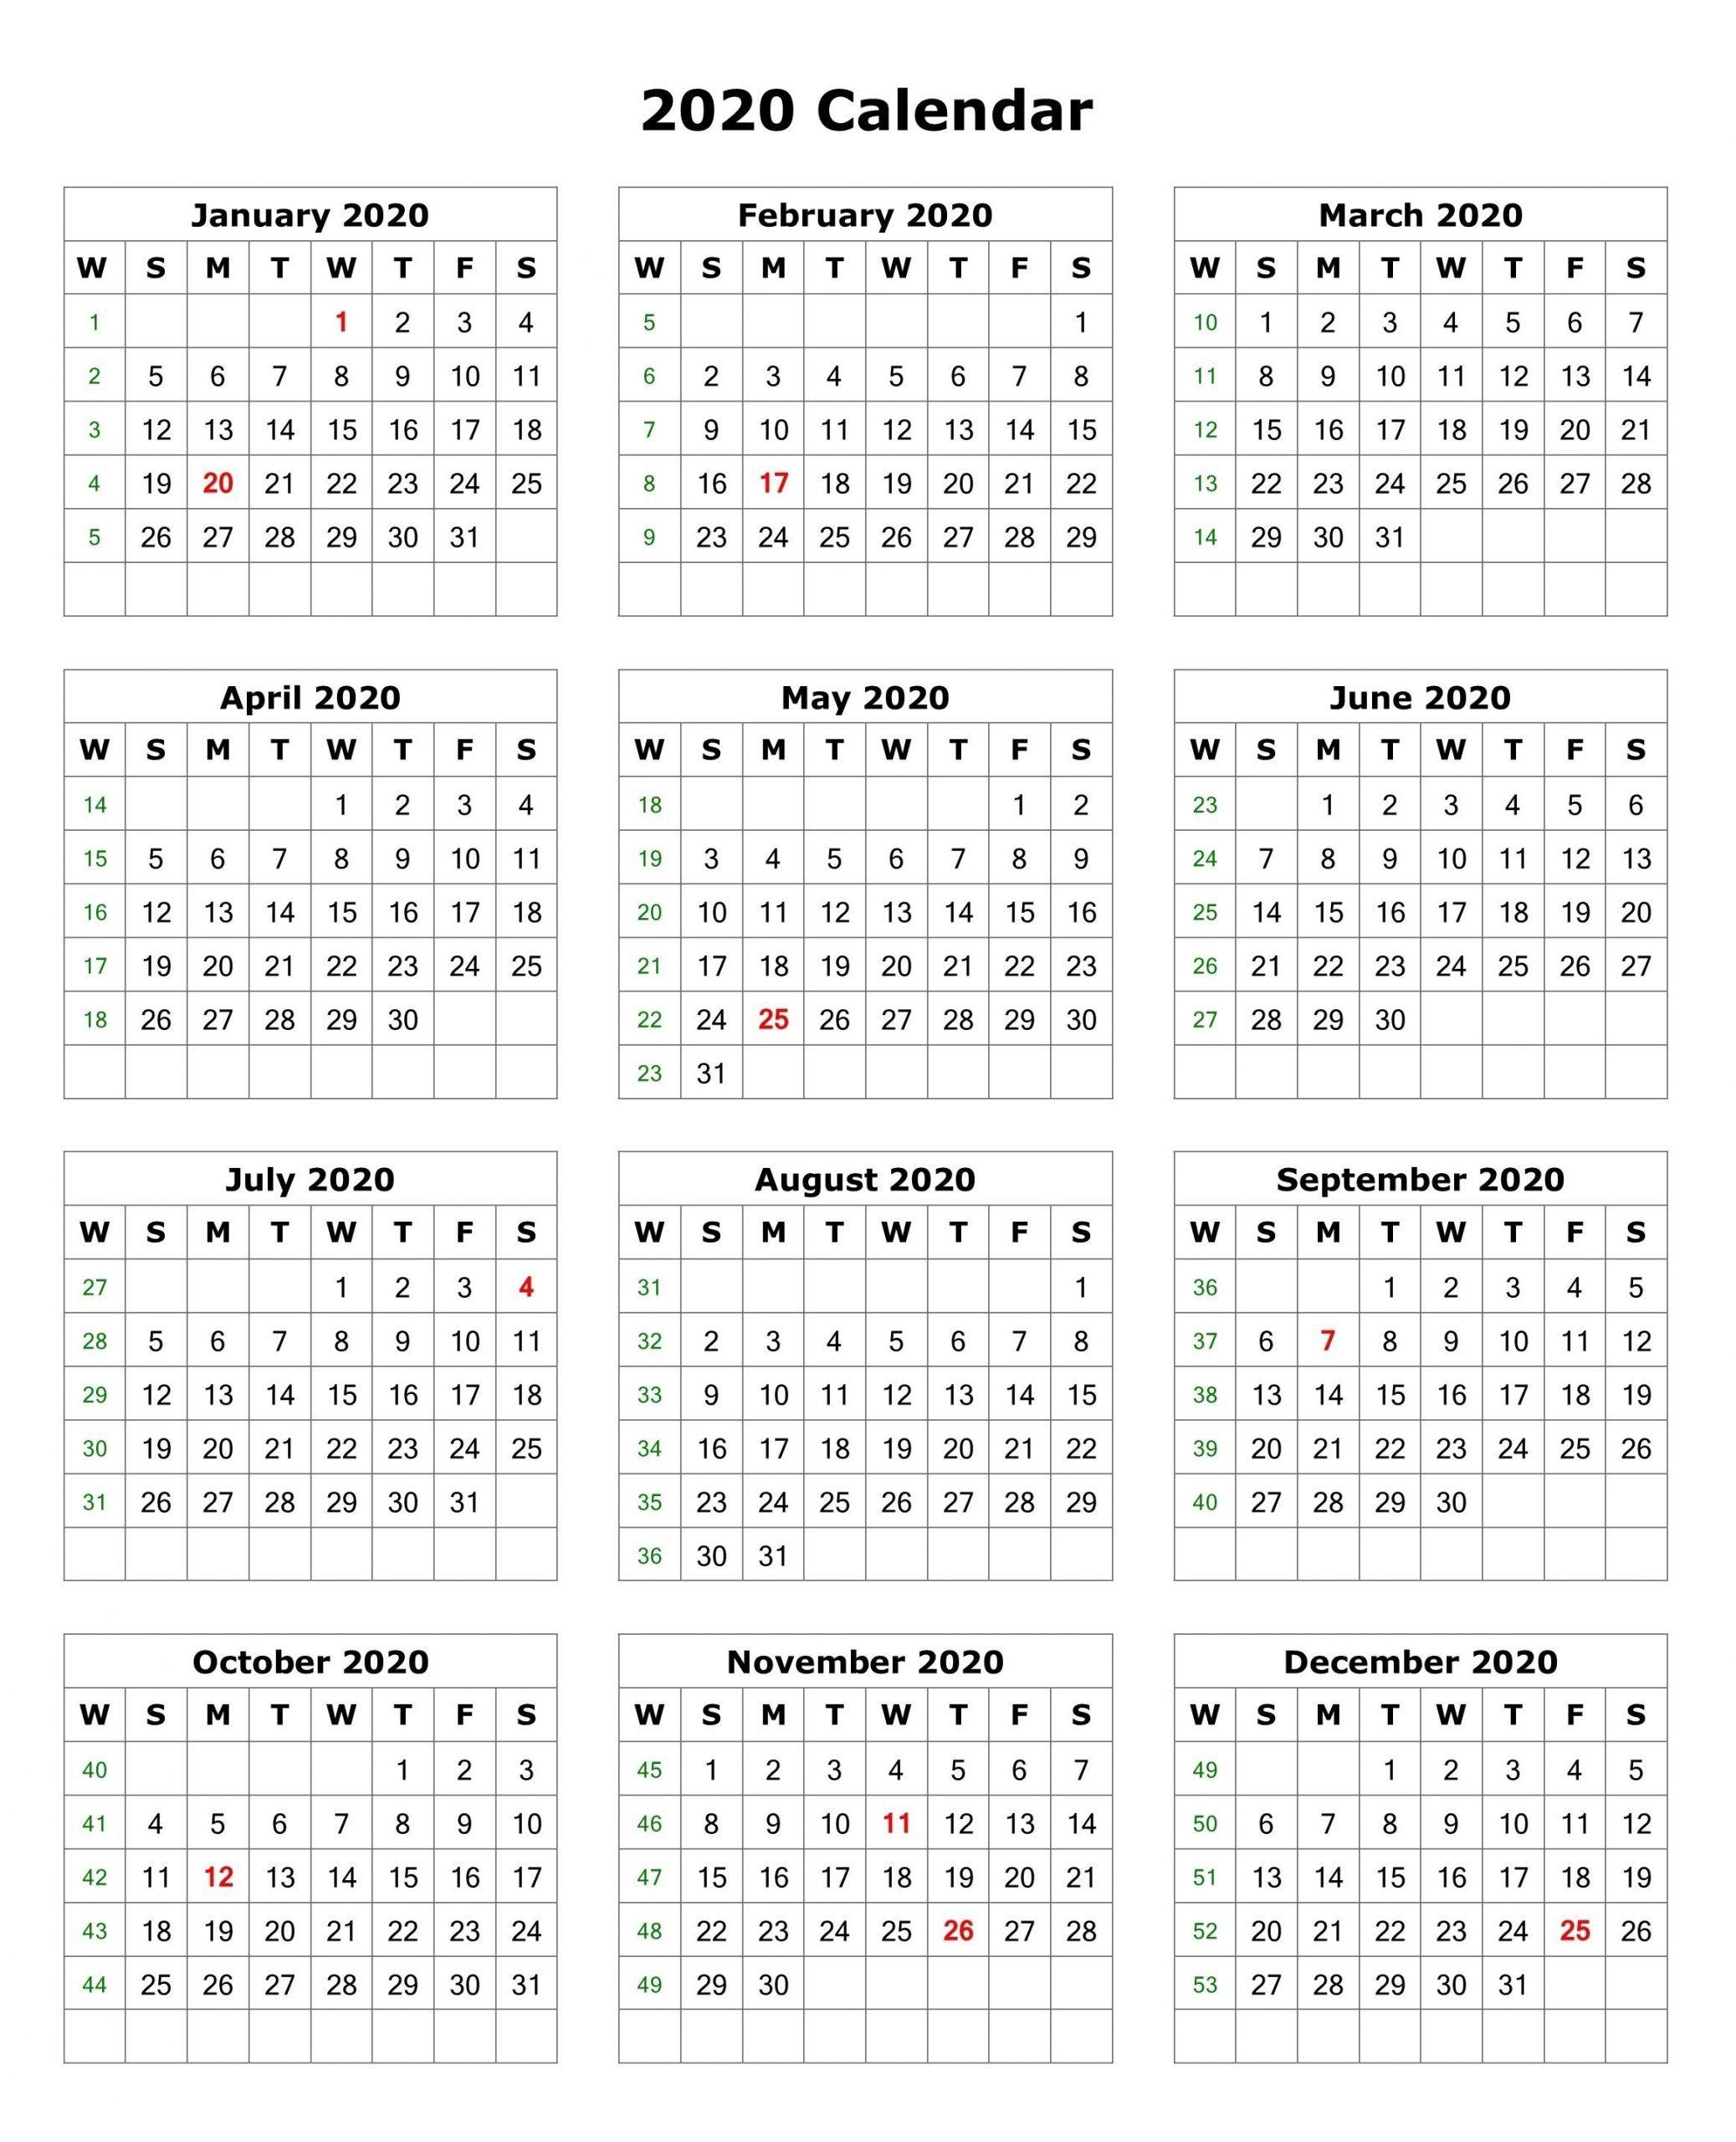 2020 Biweekly Payroll Calendar Template Excel